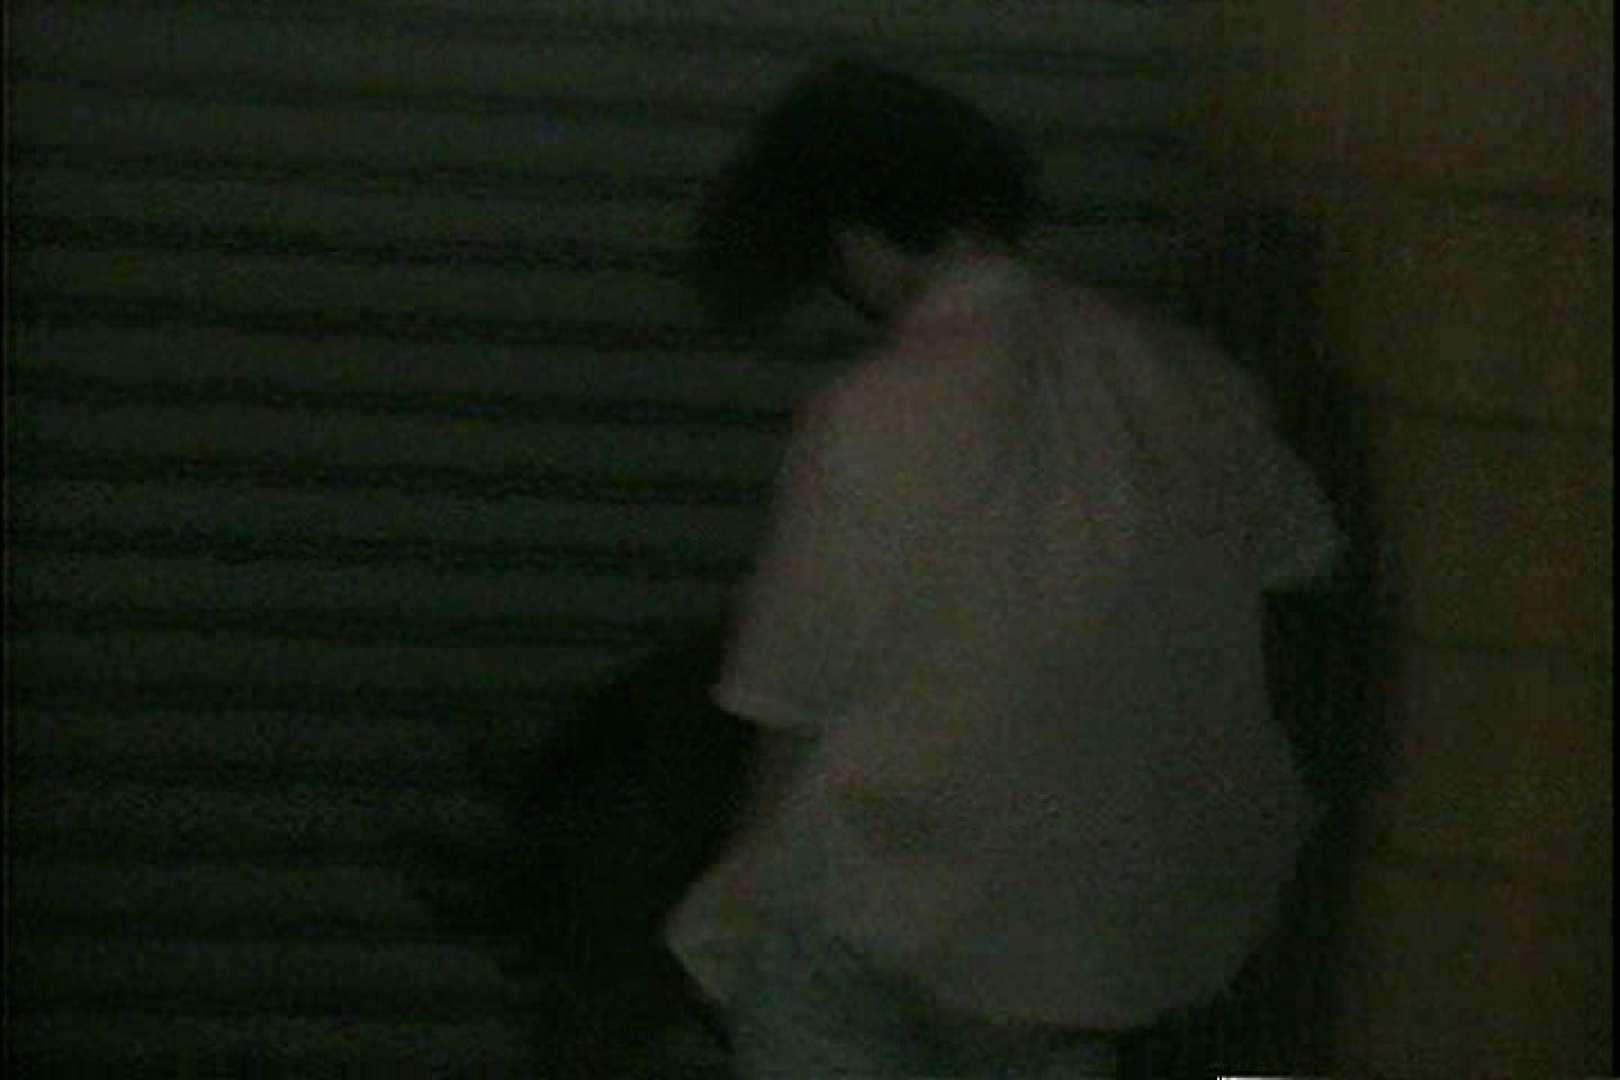 闇の仕掛け人 無修正版 Vol.18 盗撮特集 のぞき動画キャプチャ 60画像 31